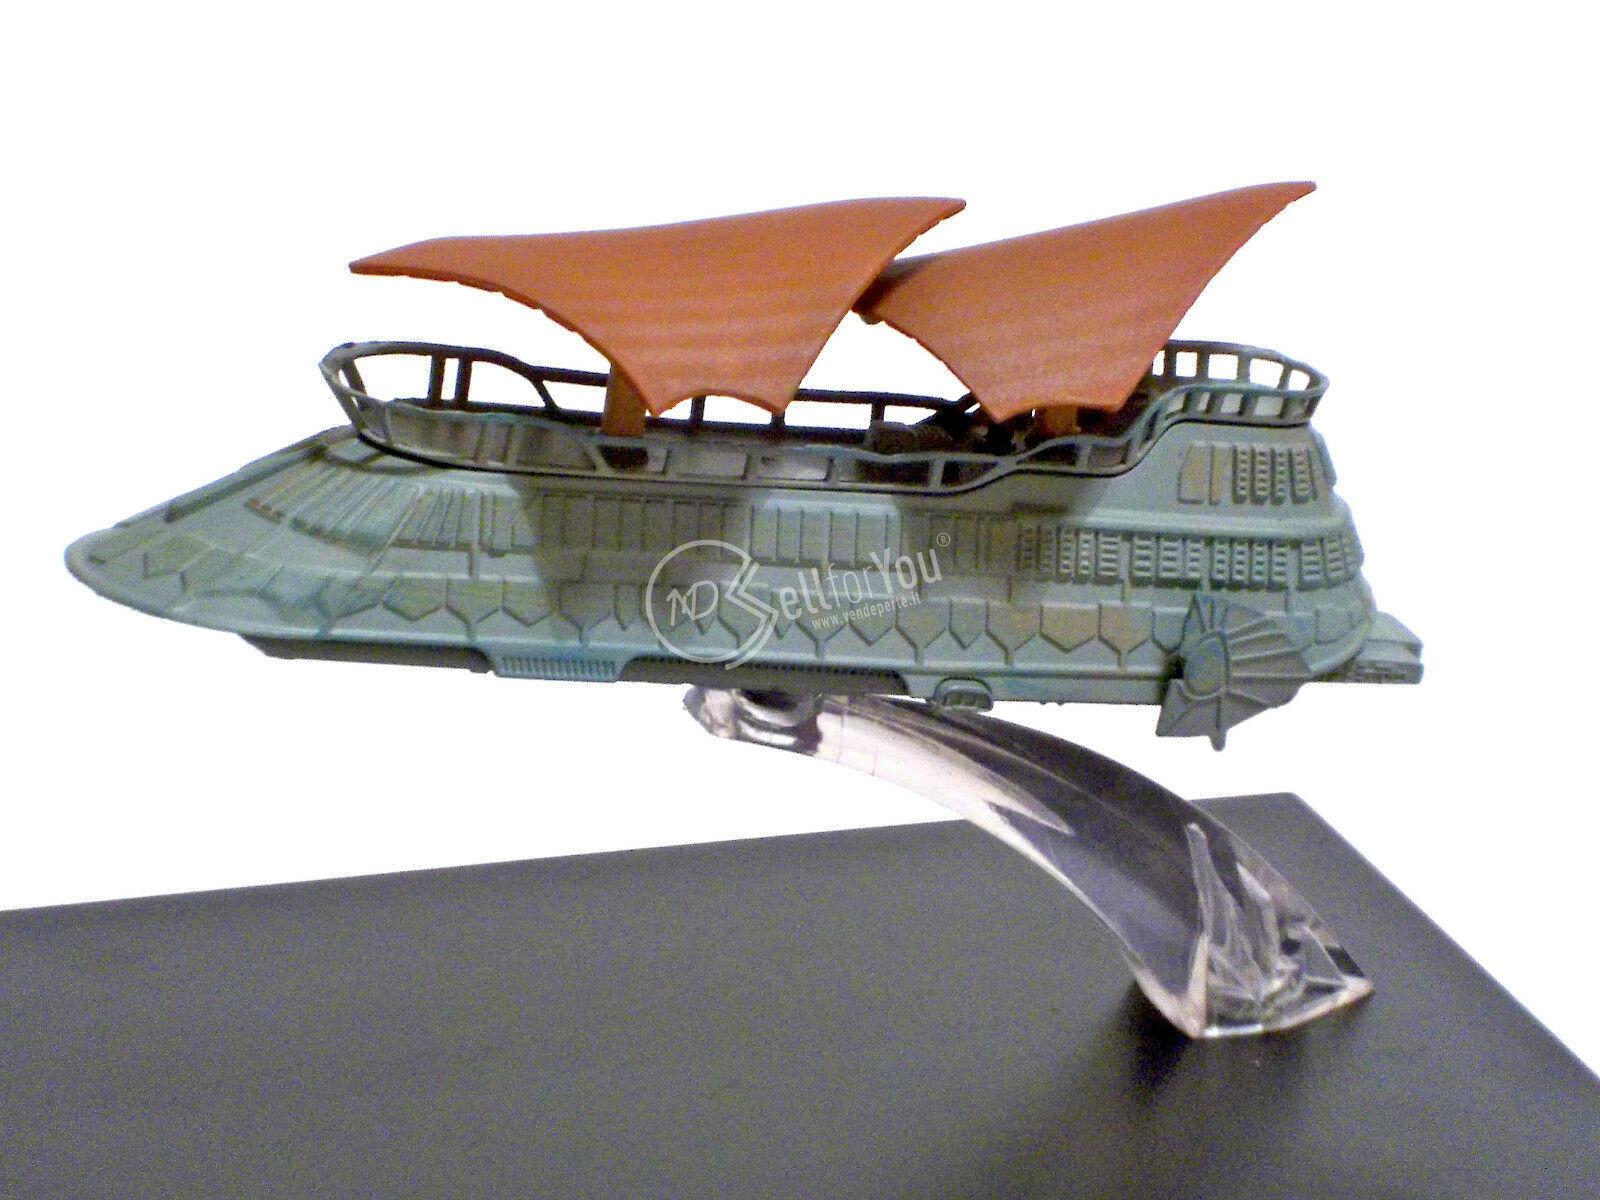 sellforyou immagine default articolo correlato non trovatoStar Wars Jabba the Hutt's sall barge DeAgostini